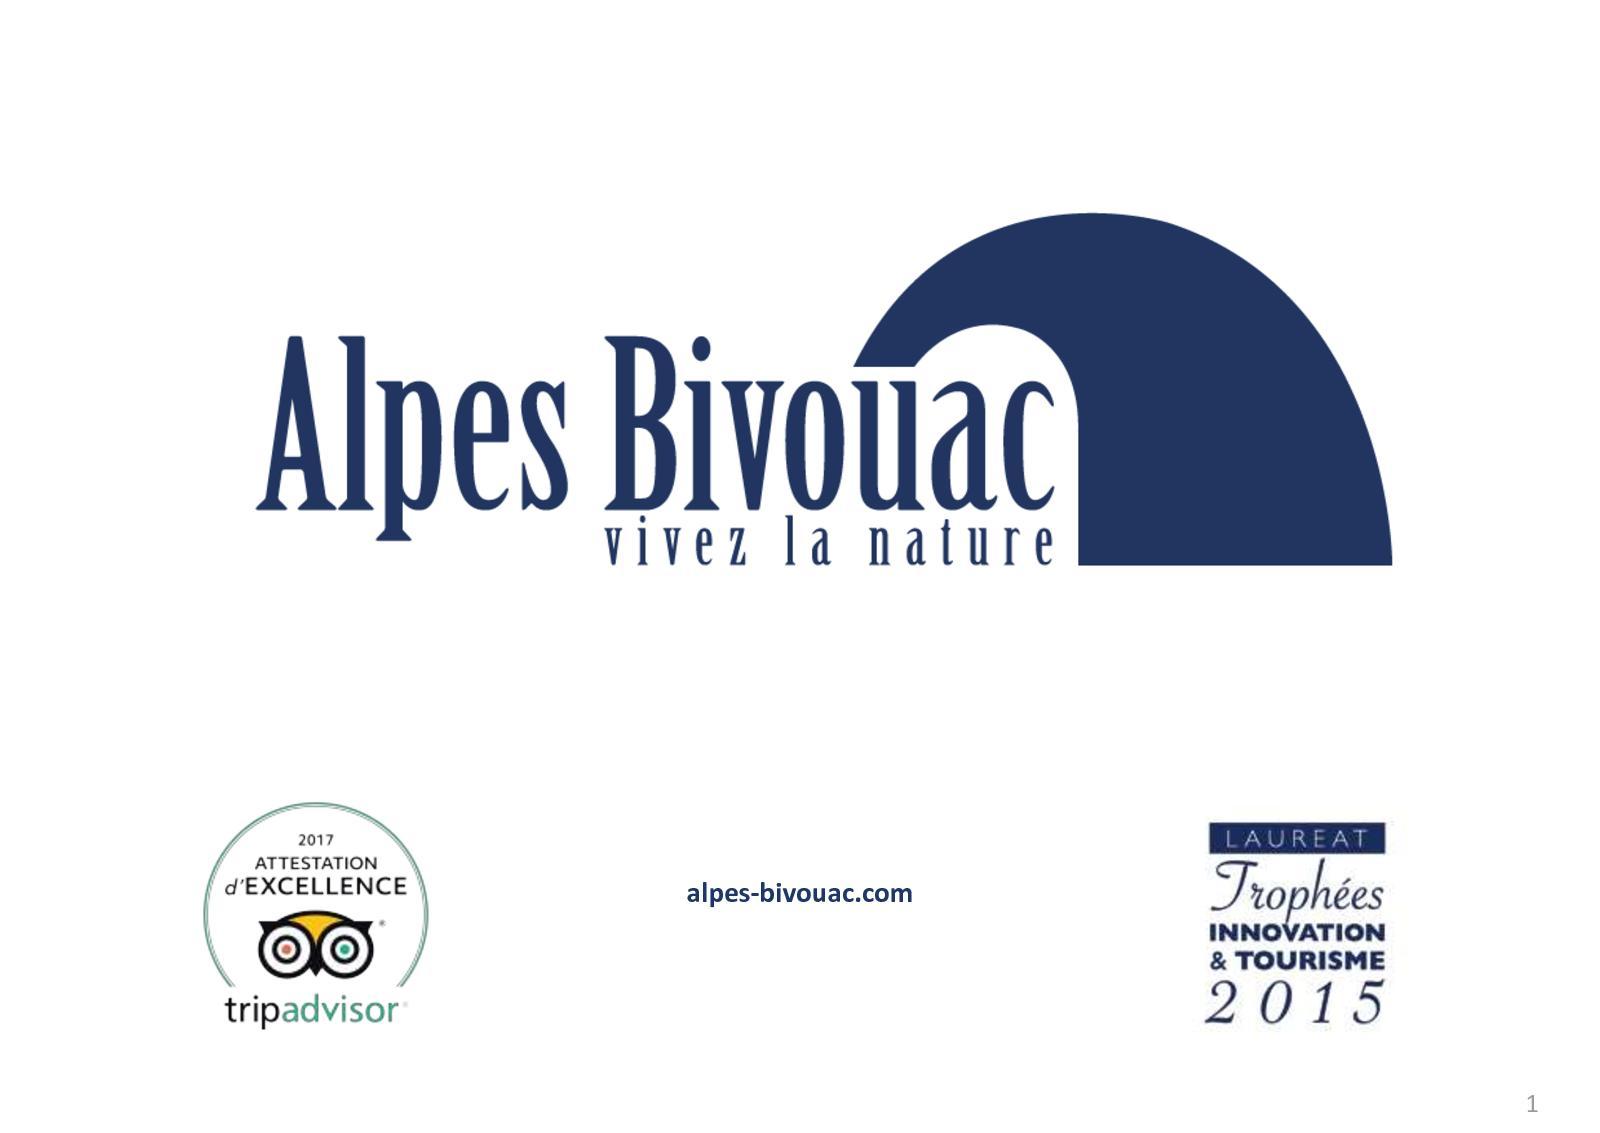 Votre Guide De Voyage ALPES BIVOUAC à Télécharger Et Lire